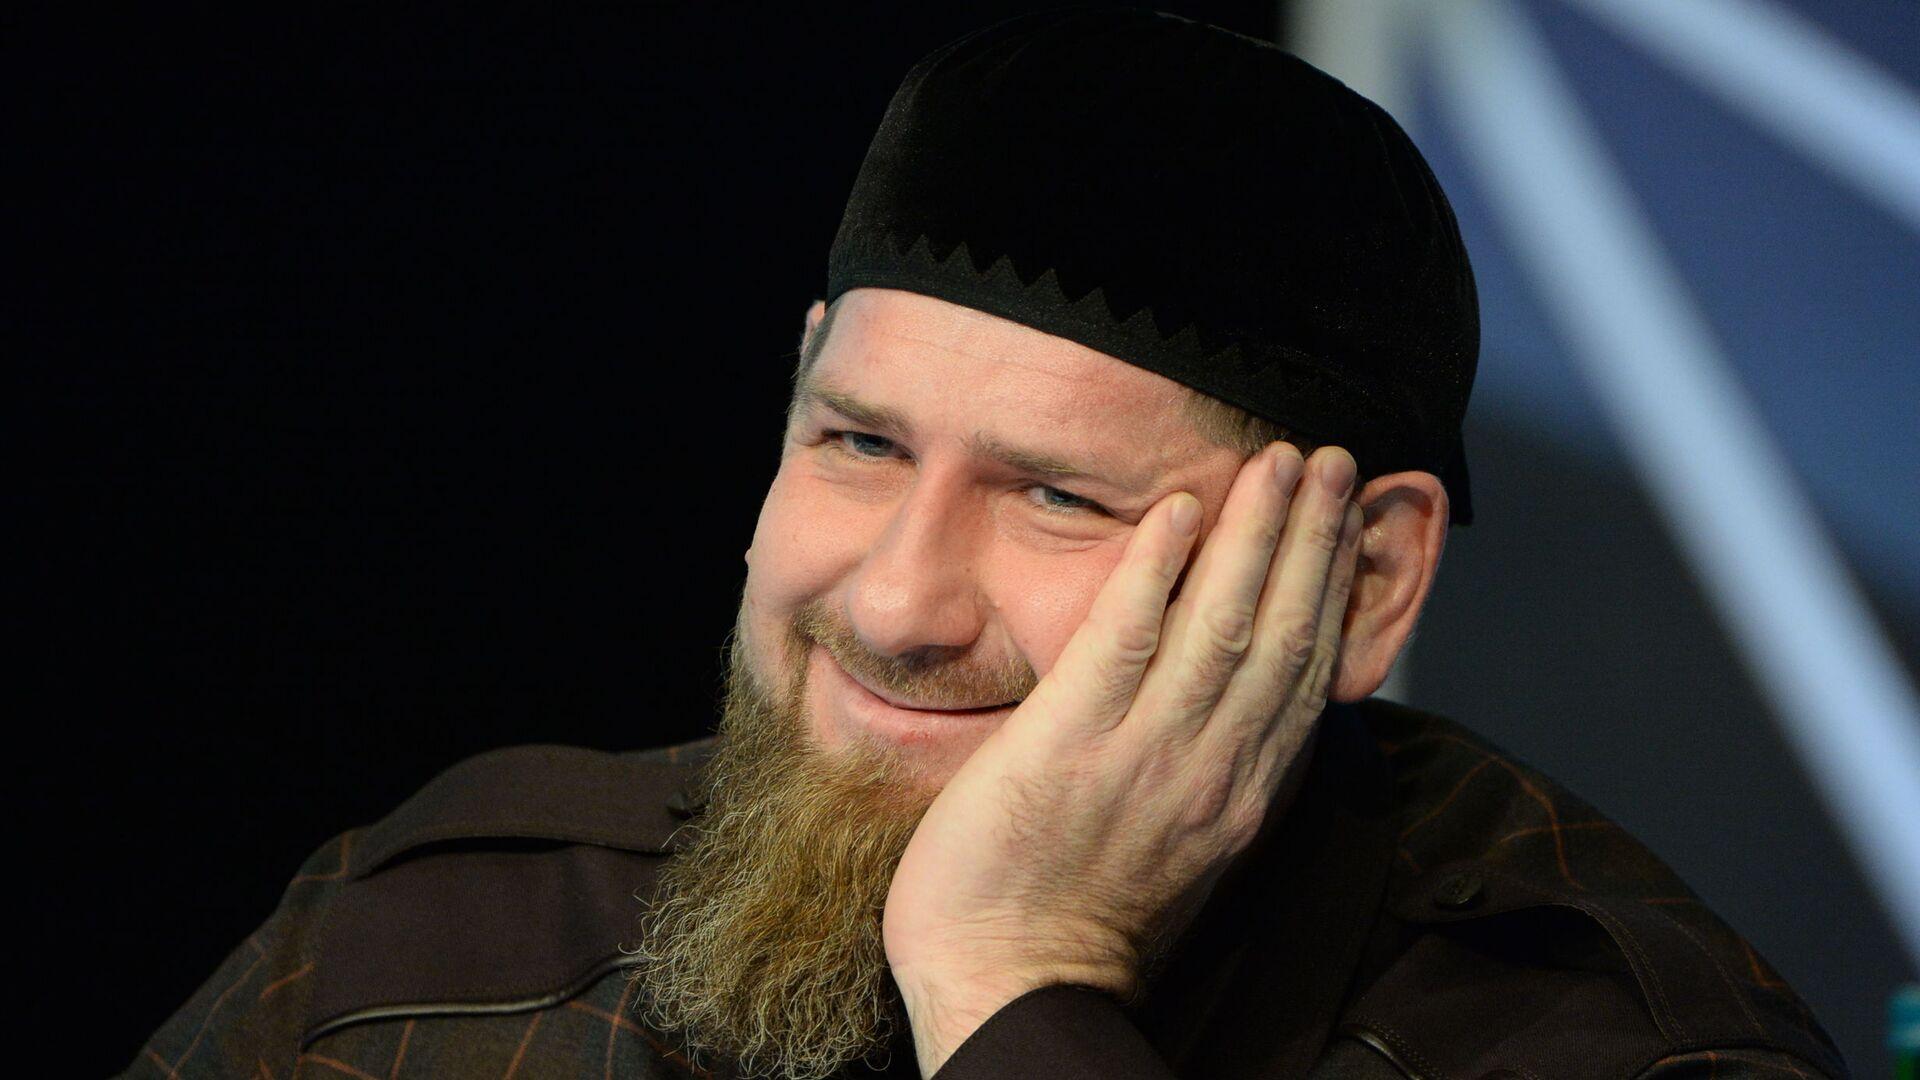 Глава Чеченской Республики Рамзан Кадыров - Sputnik Беларусь, 1920, 21.09.2021